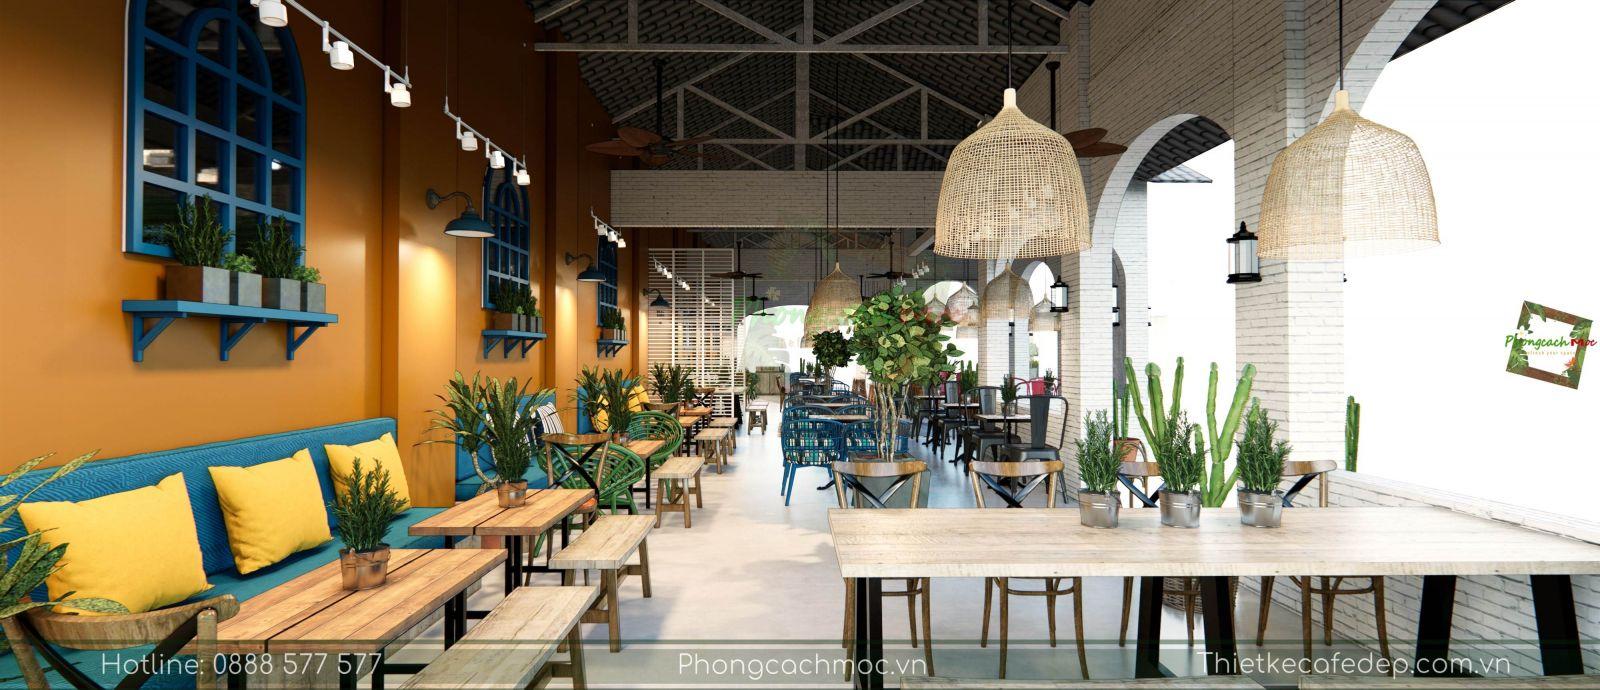 thiết kế quán cafe địa trung hải không gian phòng lạnh - 9